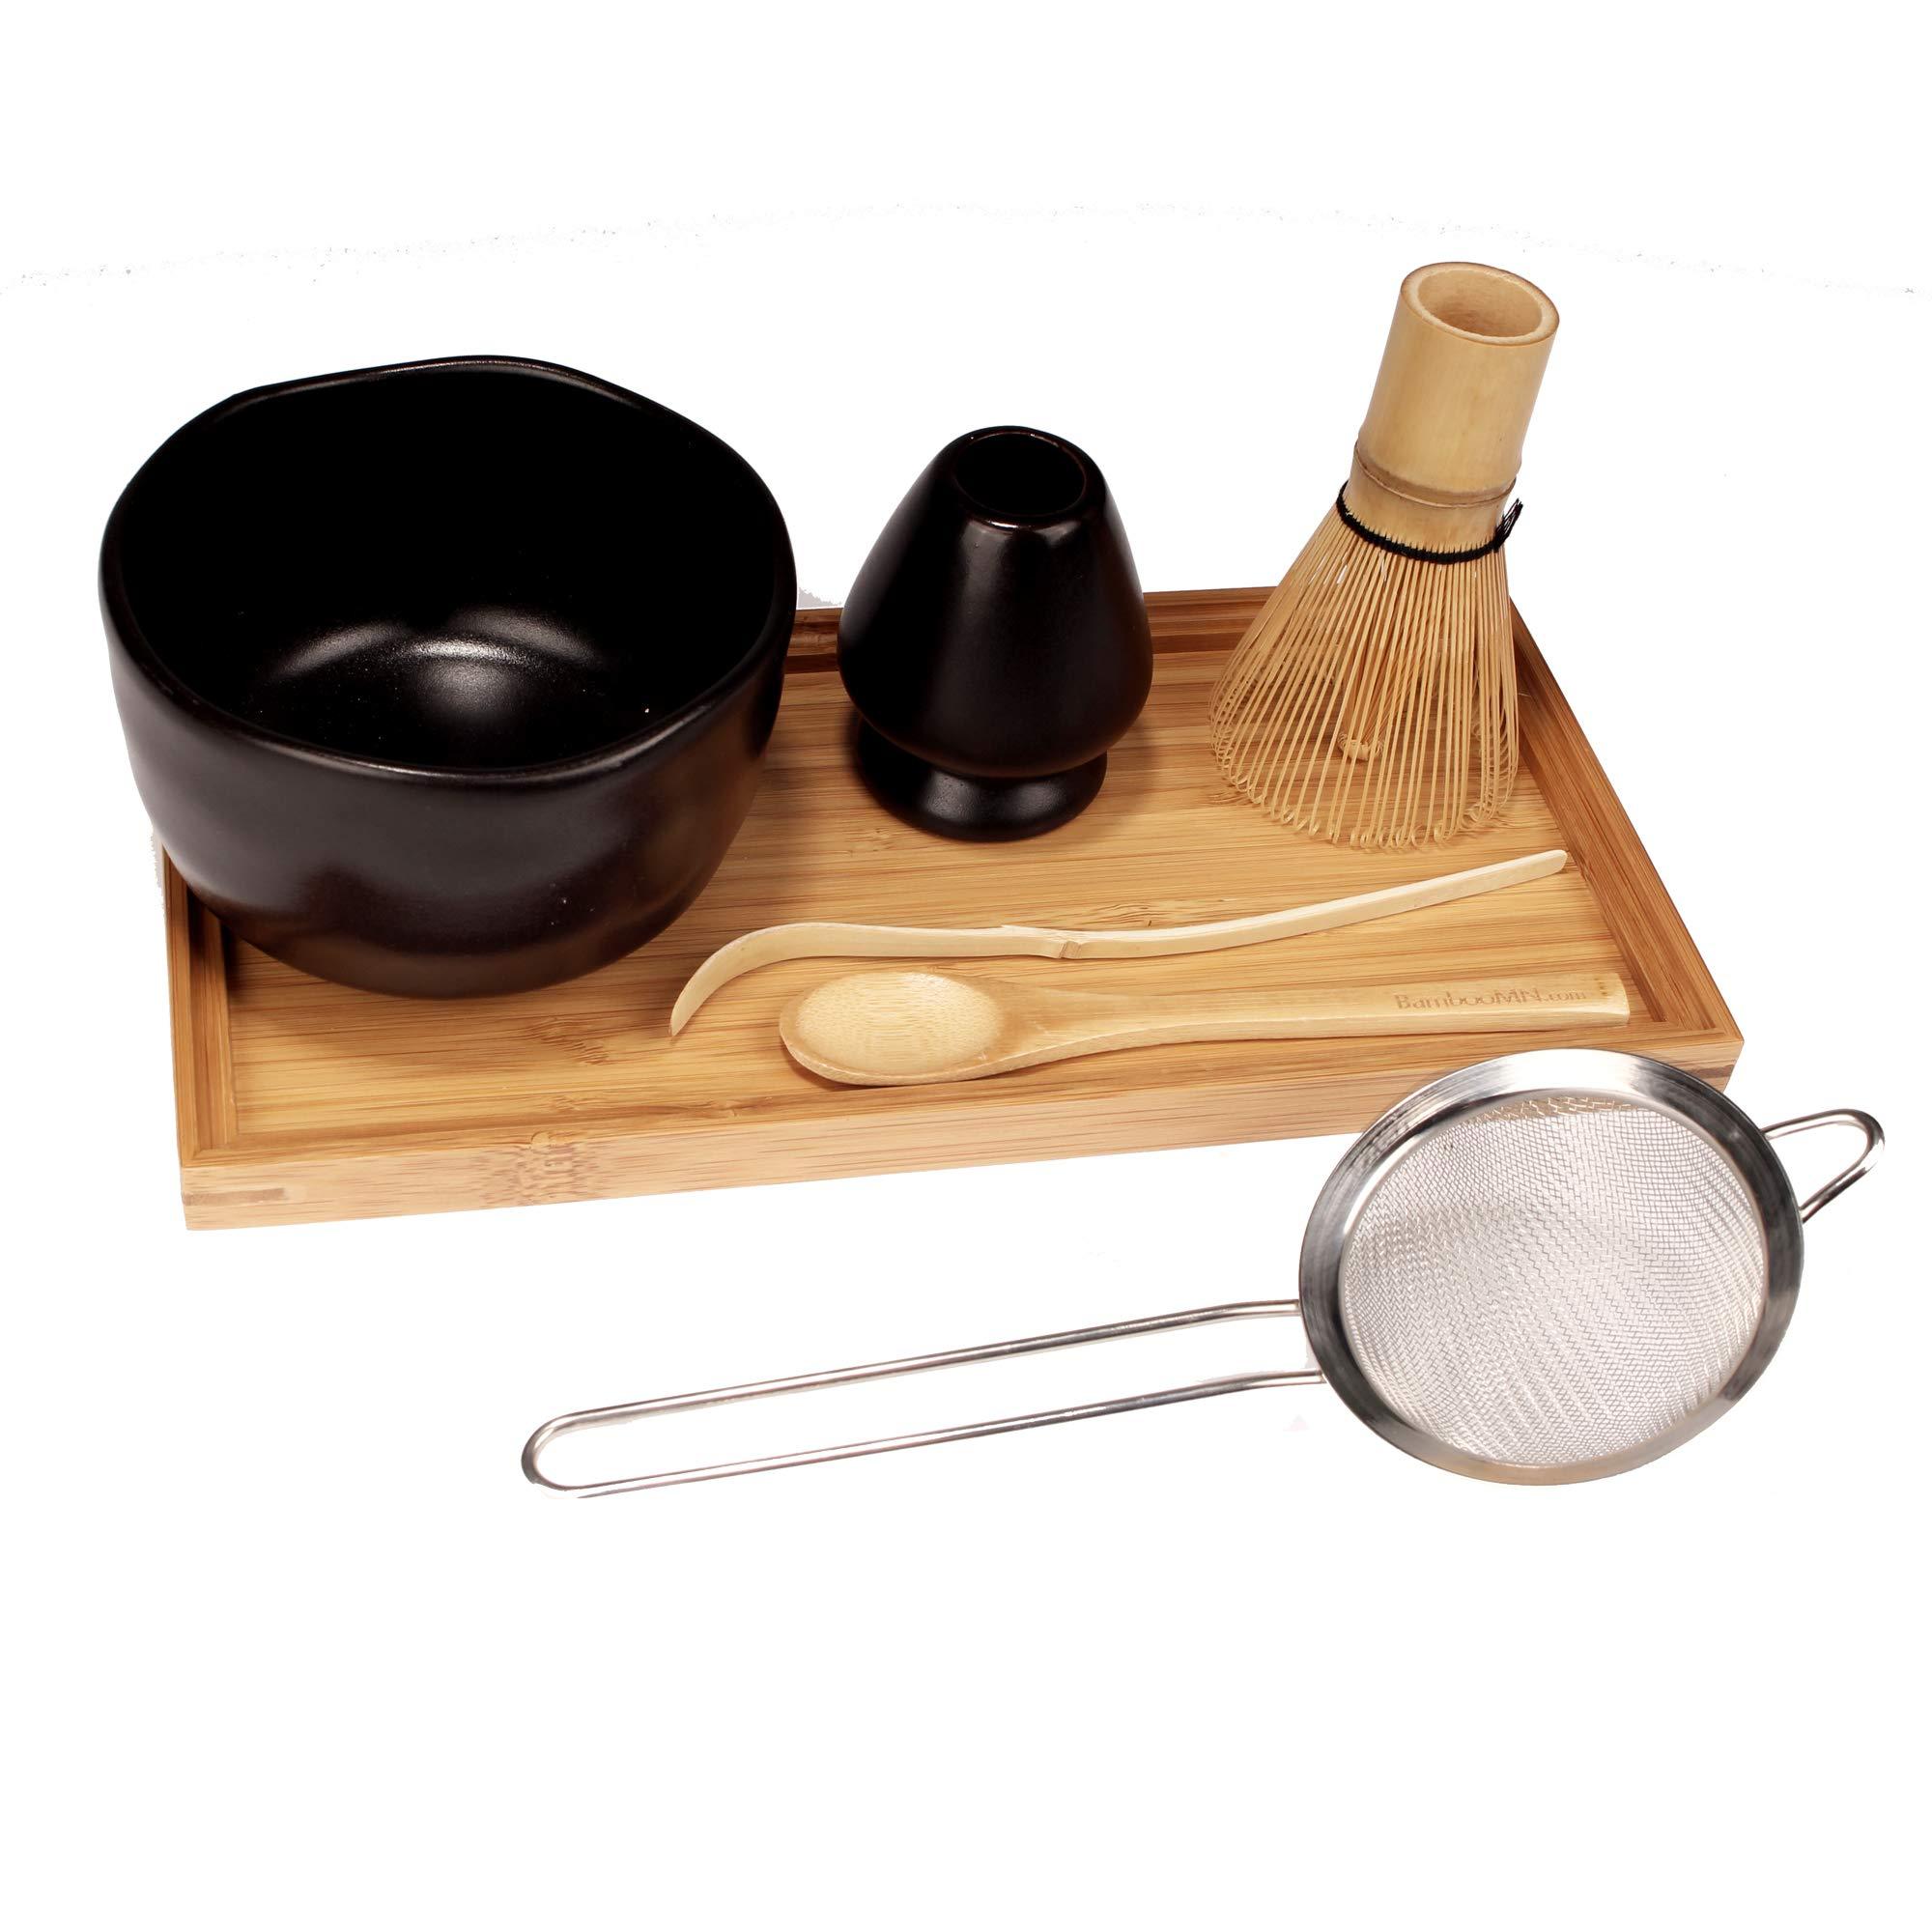 Japanese Ceremonial Matcha Green Tea Whisk Set - Golden Chasen Whisk, Chashaku, Tea Spoon, Black Bowl, Black Rest, Strainer, Tea Tray by BambooMN